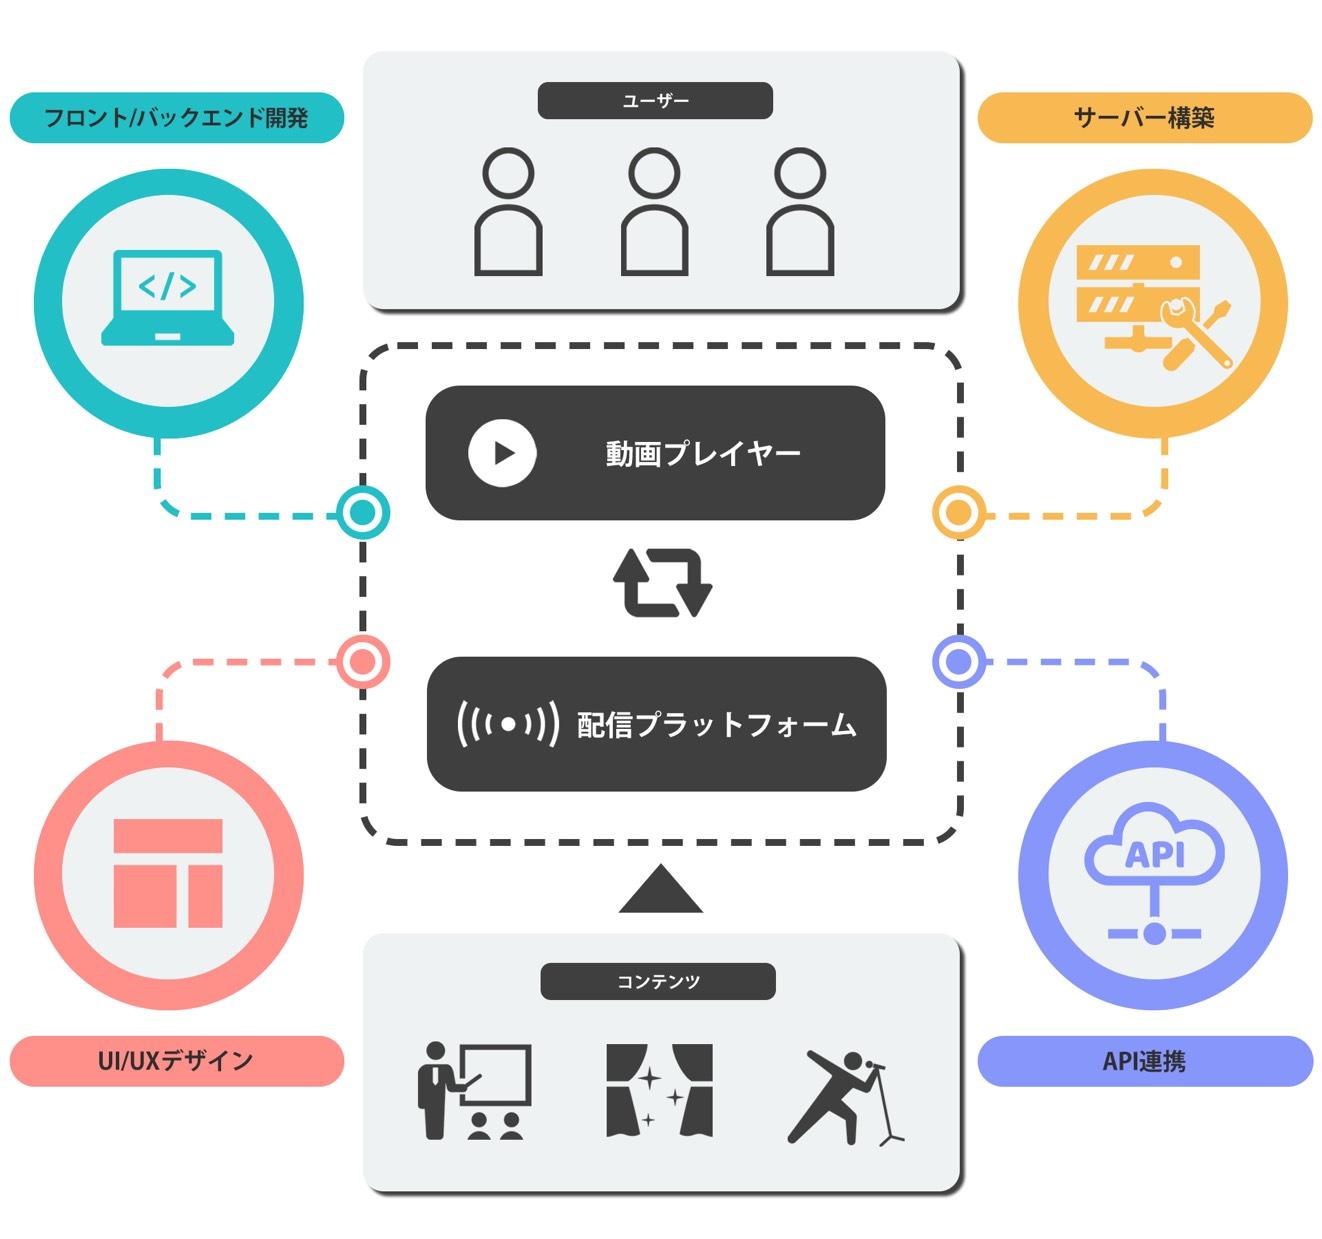 システム開発アーキテクチャ例